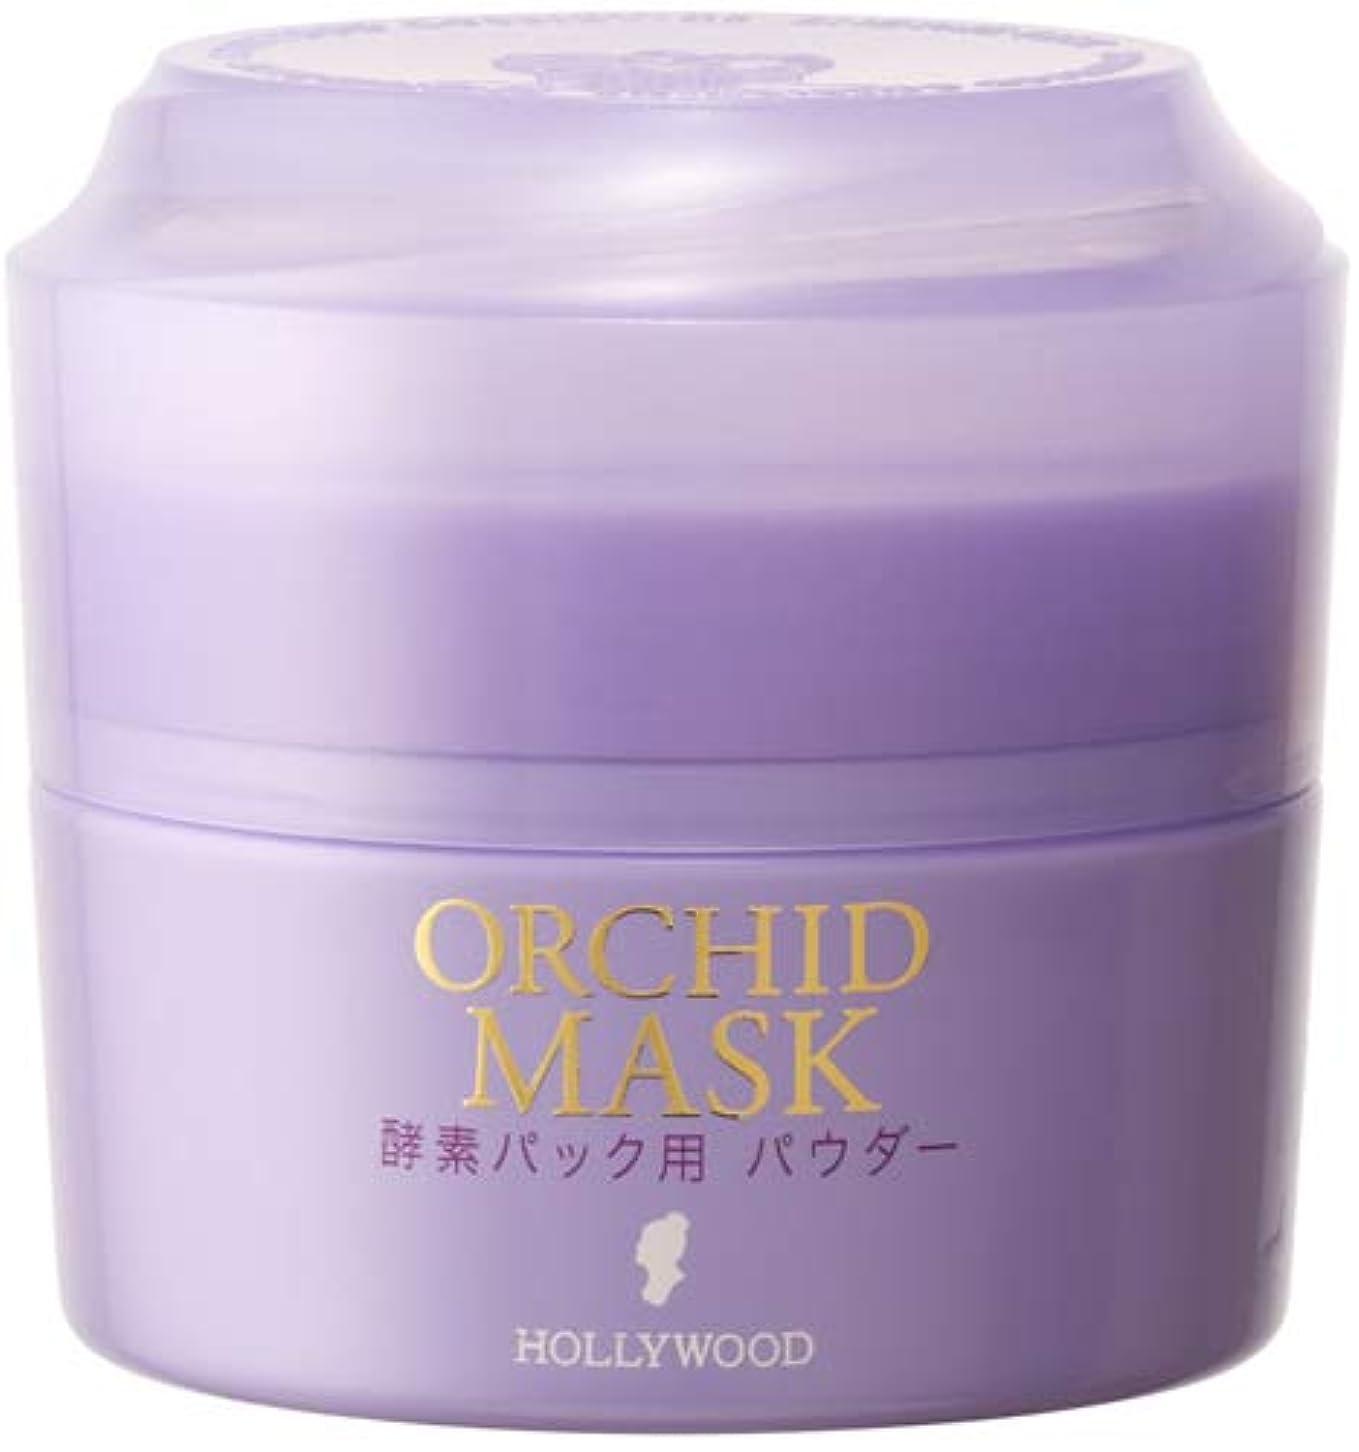 化学薬品かんたん故障ハリウッド化粧品 オーキッド マスク 80g